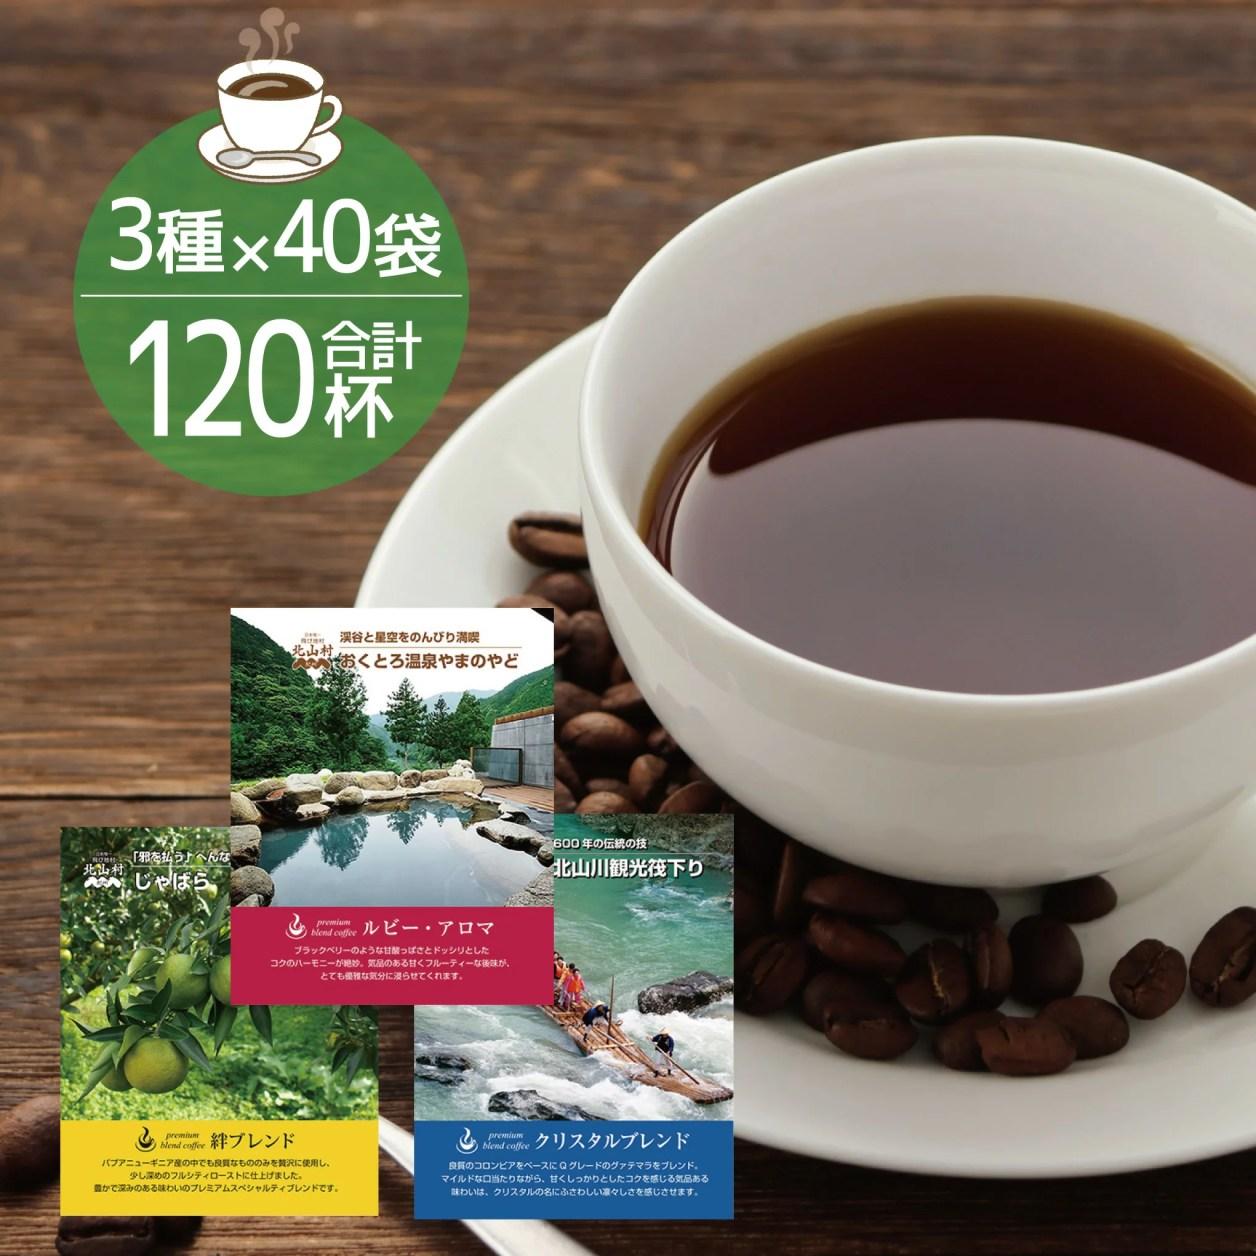 【ふるさと納税】北山村オリジナルドリップバッグコーヒー3種セット(各40袋 計1